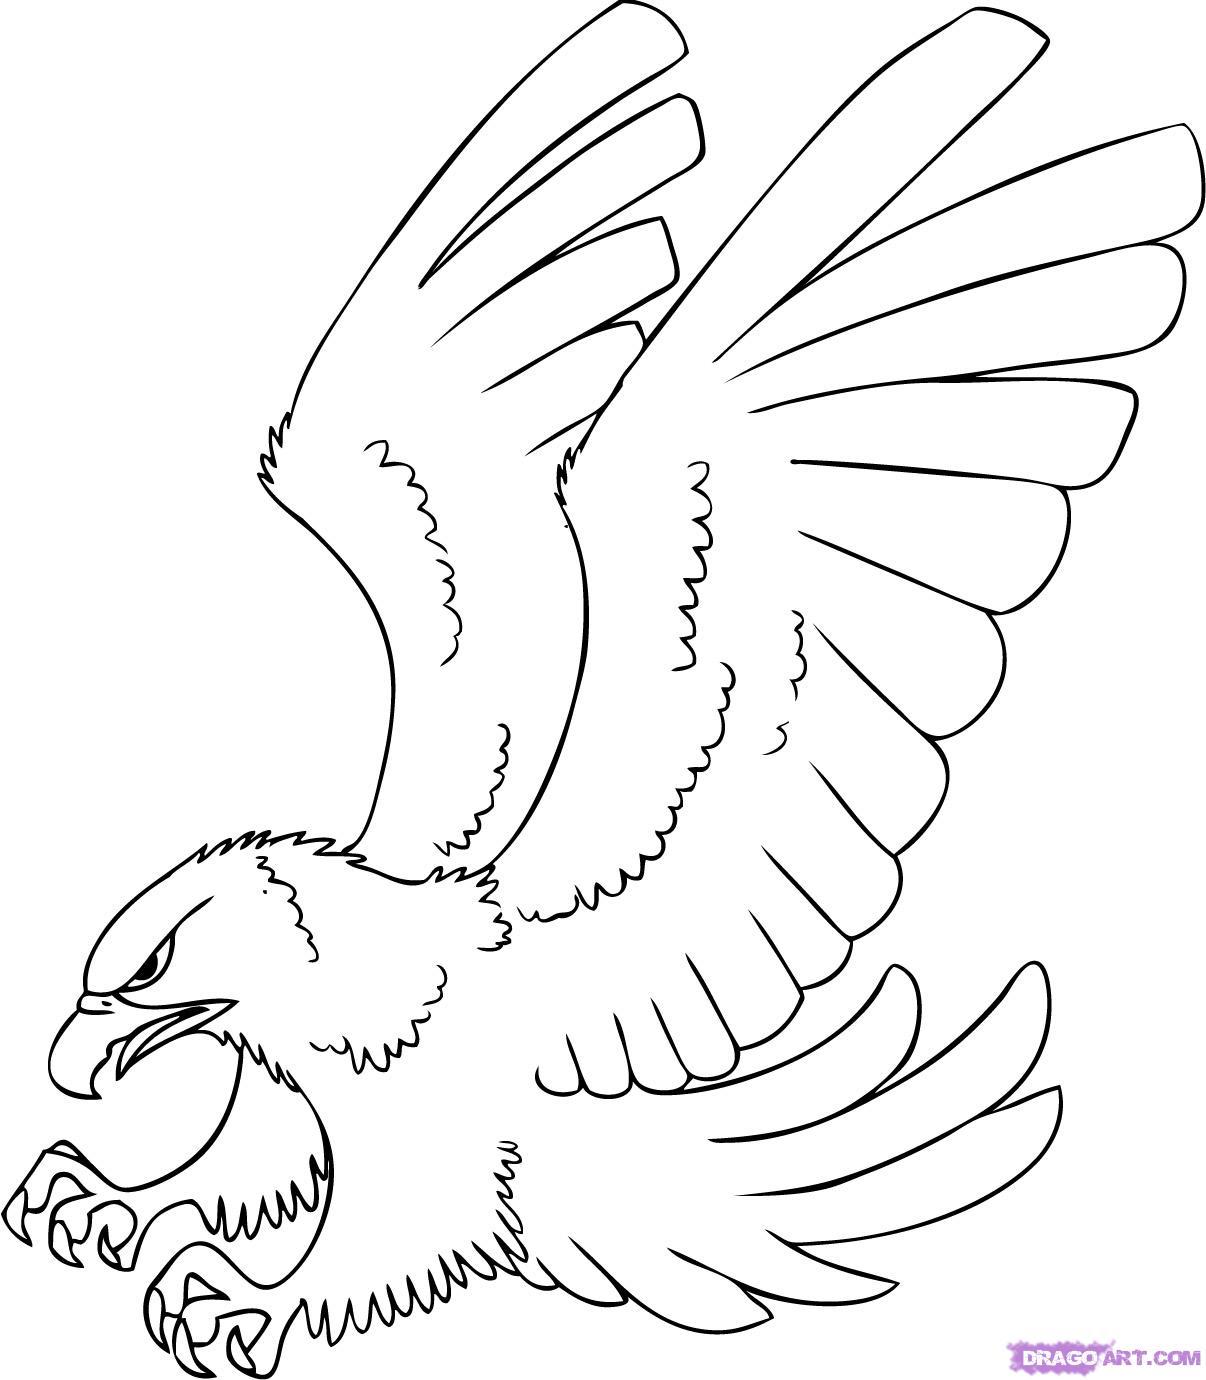 Drawn hawk To Hawk Step Hawk free